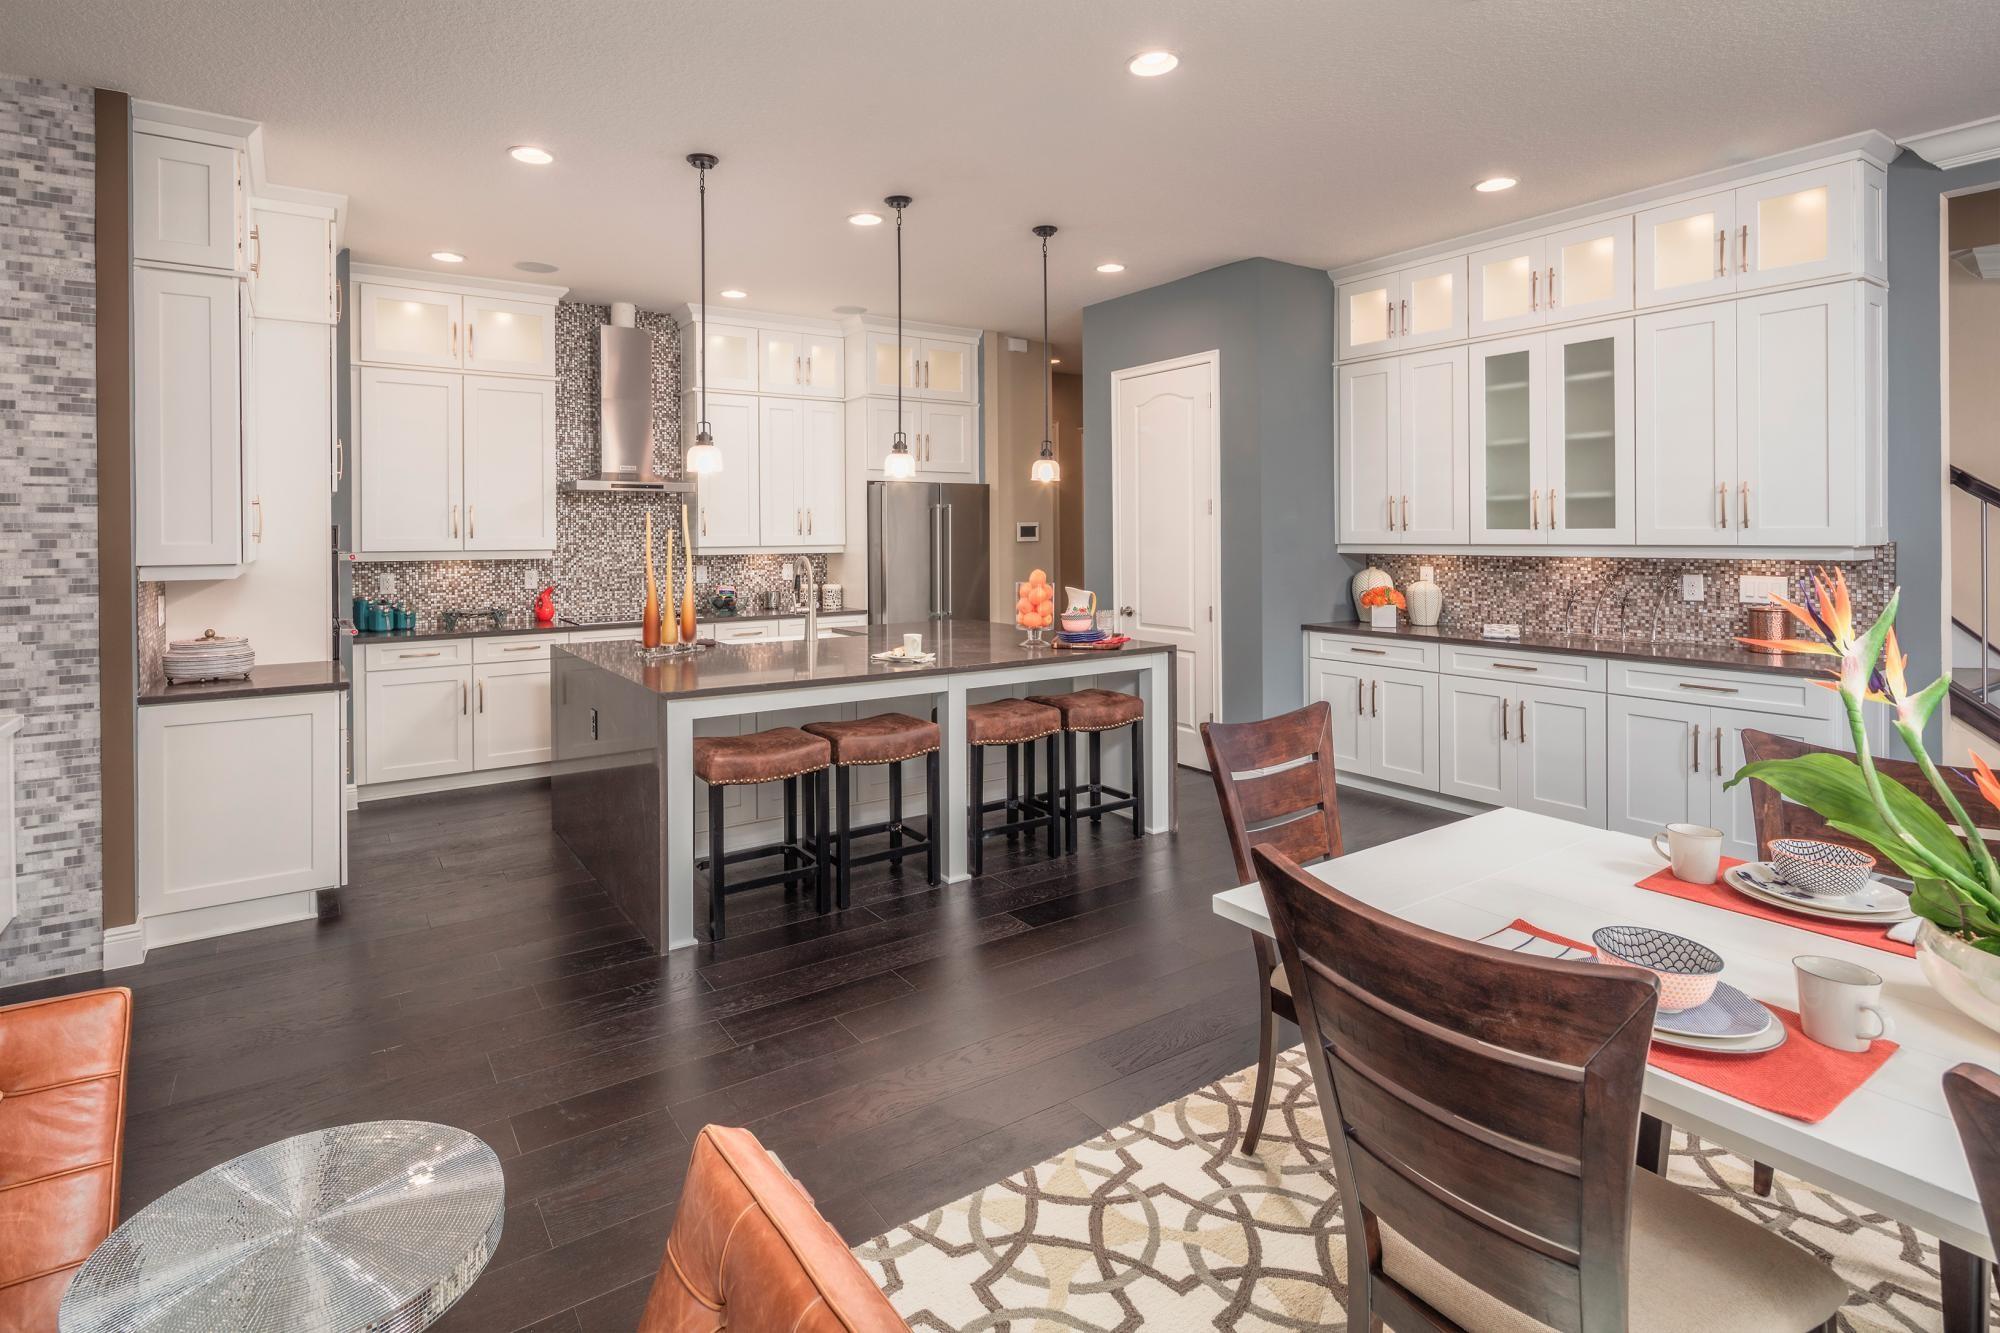 641515429131686_sandhill-kitchen.jpg